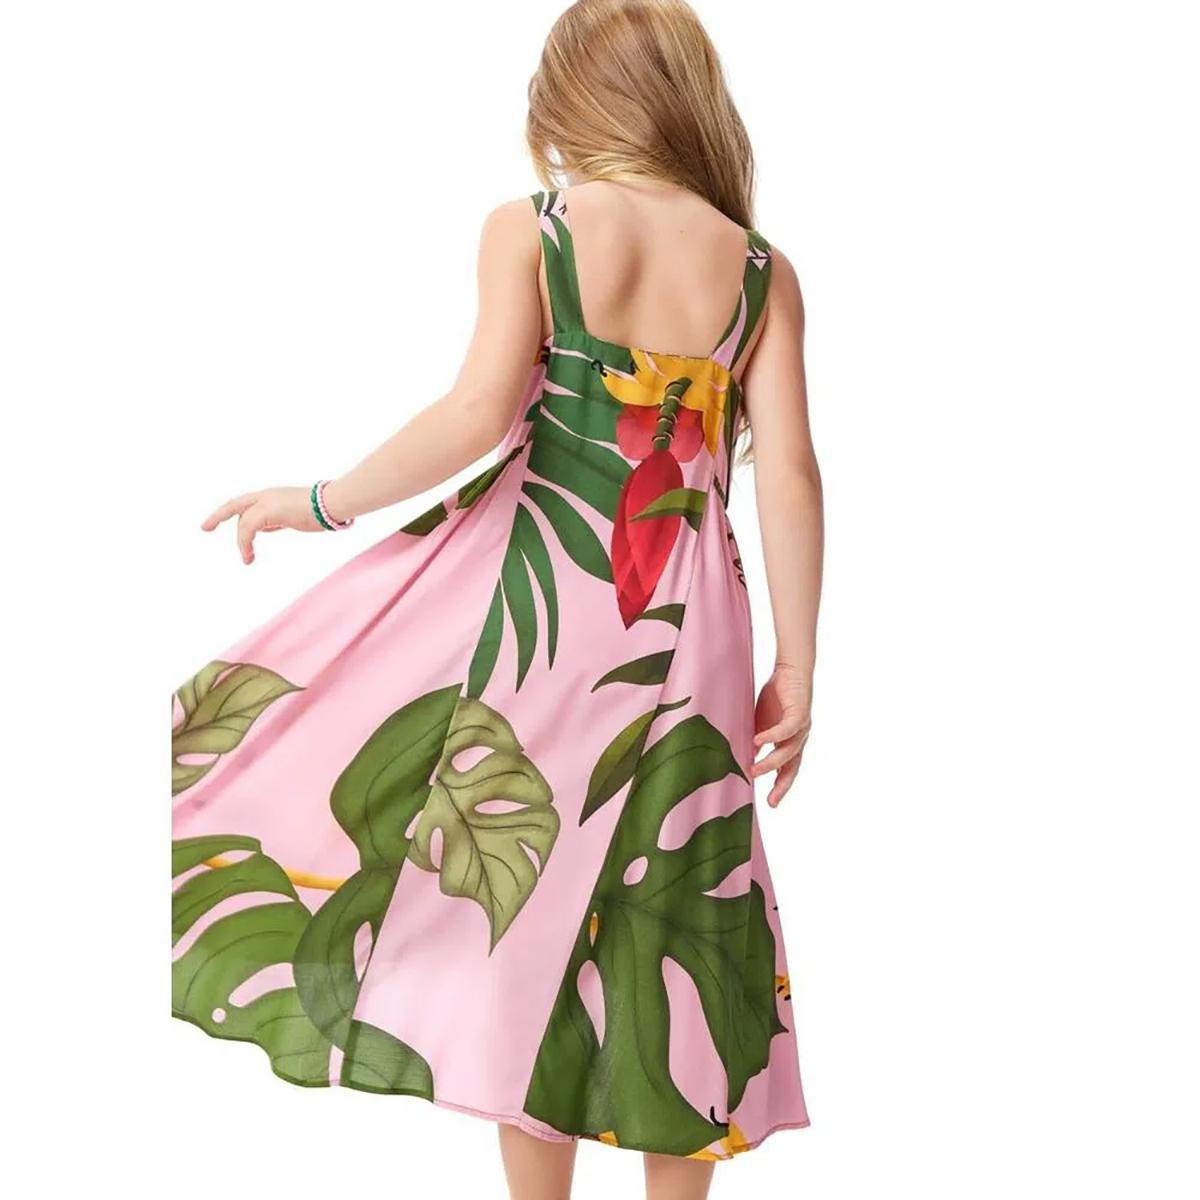 Vestido Camu Camu Feminino Mullet Coração de Banana